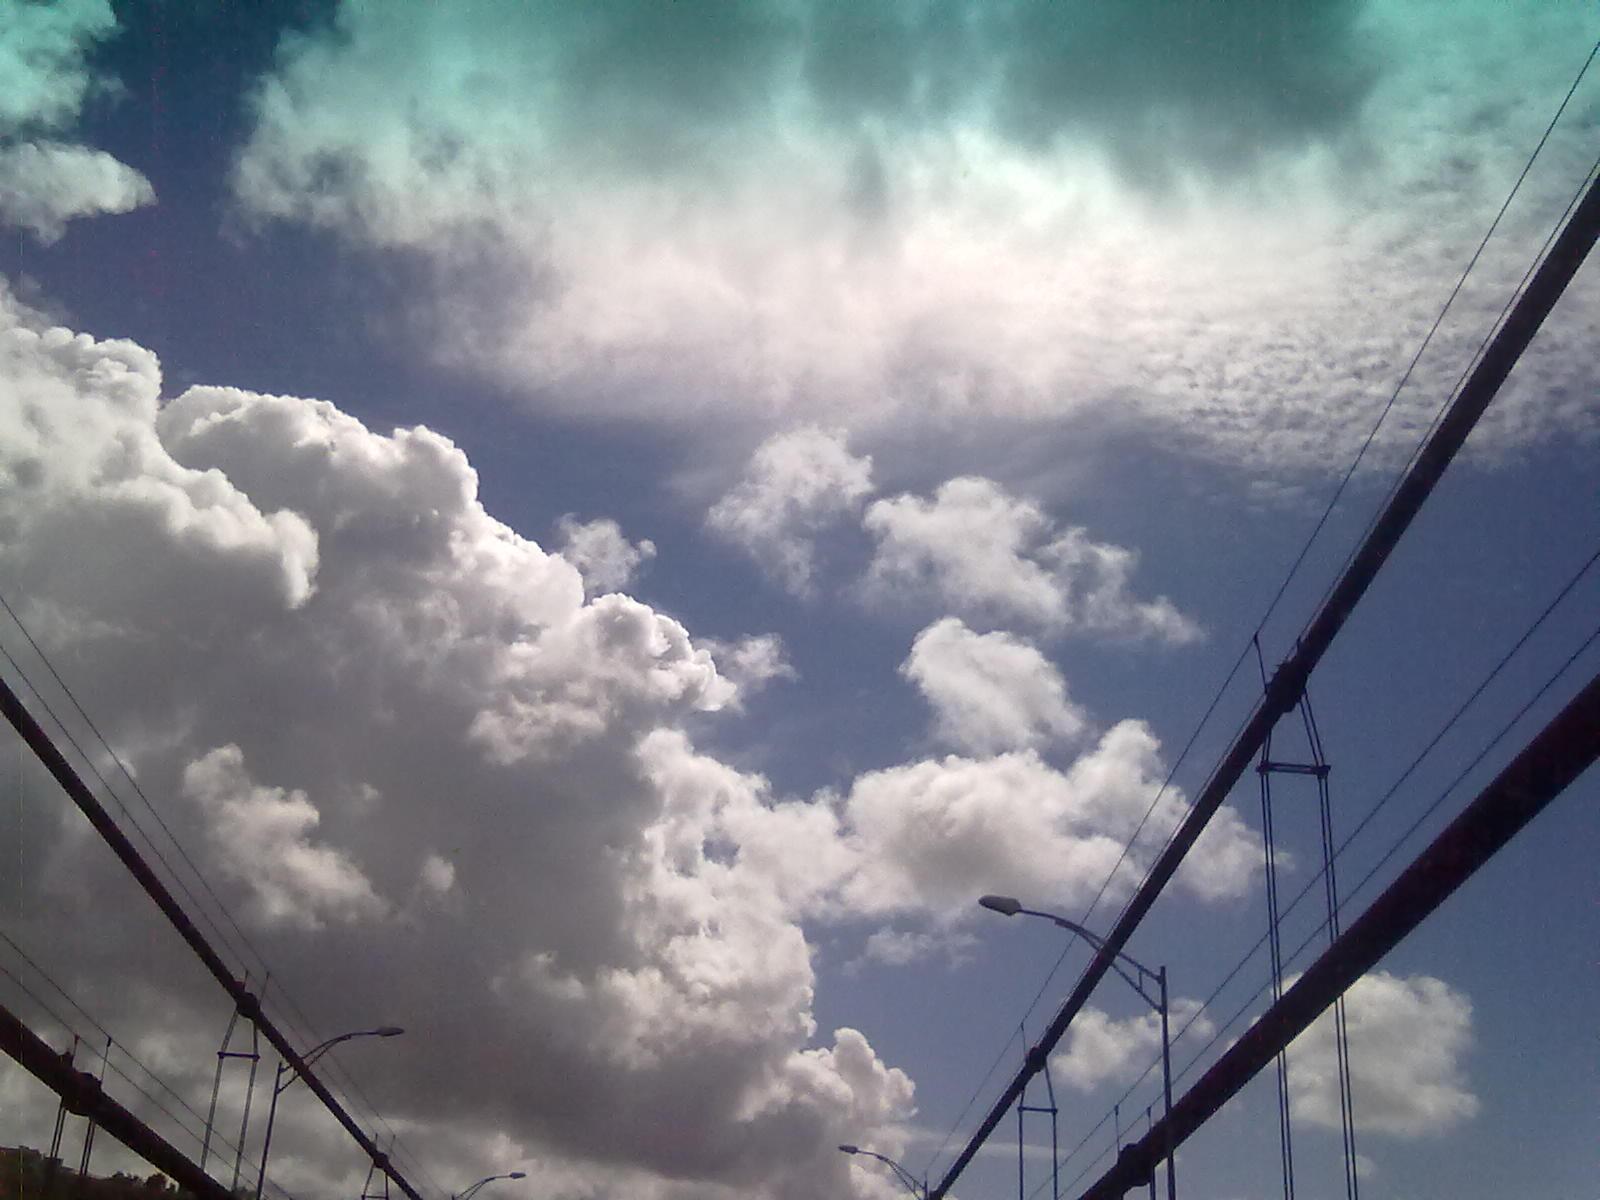 http://2.bp.blogspot.com/-WSq6yLAkICw/TjqcUzh-DRI/AAAAAAAAPHQ/z8kvL9S0rMs/s1600/168.jpg